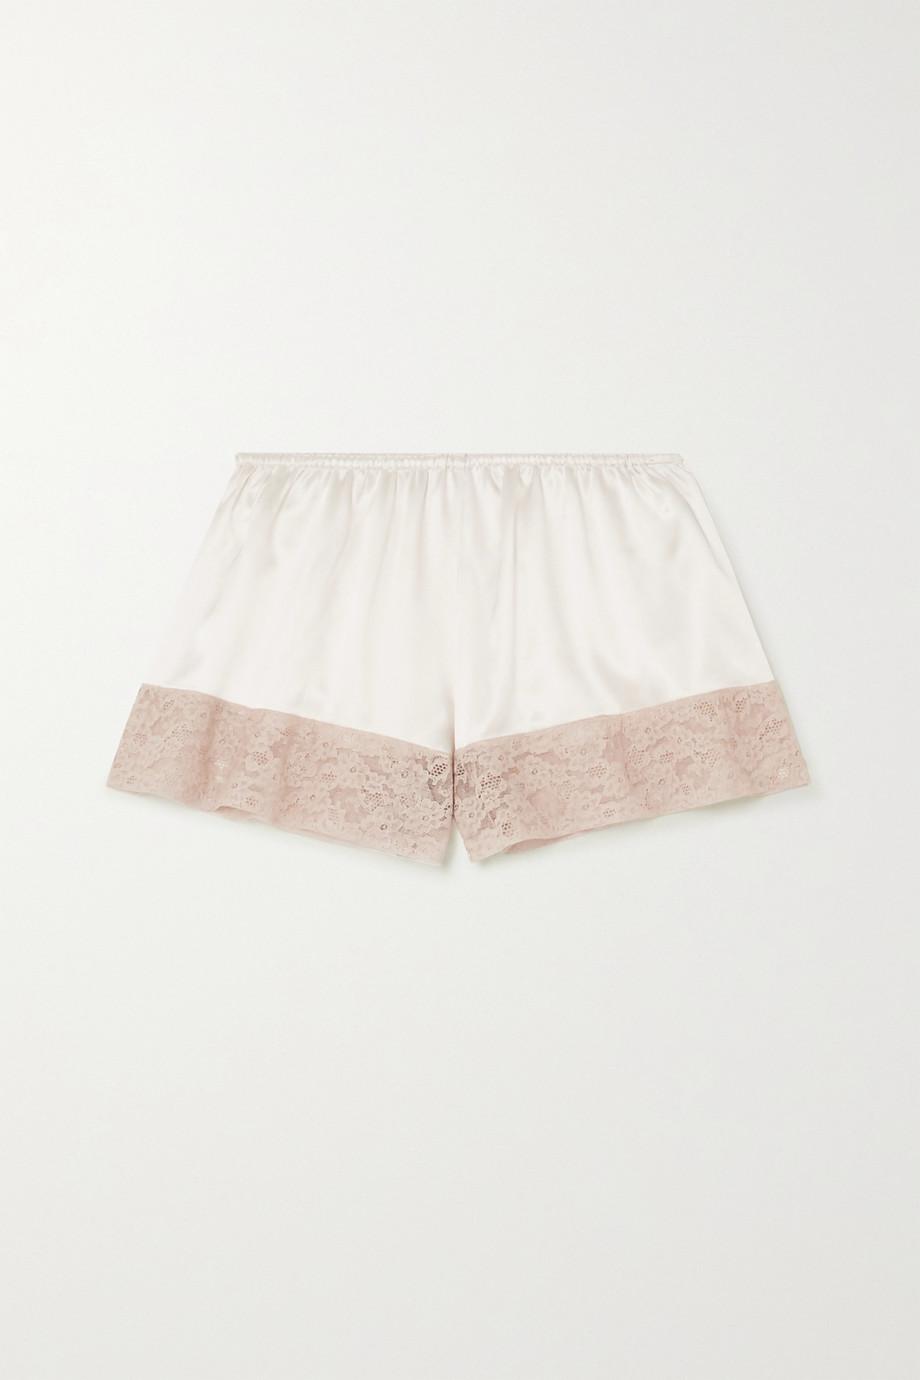 Loretta Caponi Pyjama-Shorts aus Seidensatin mit Spitzenbesätzen